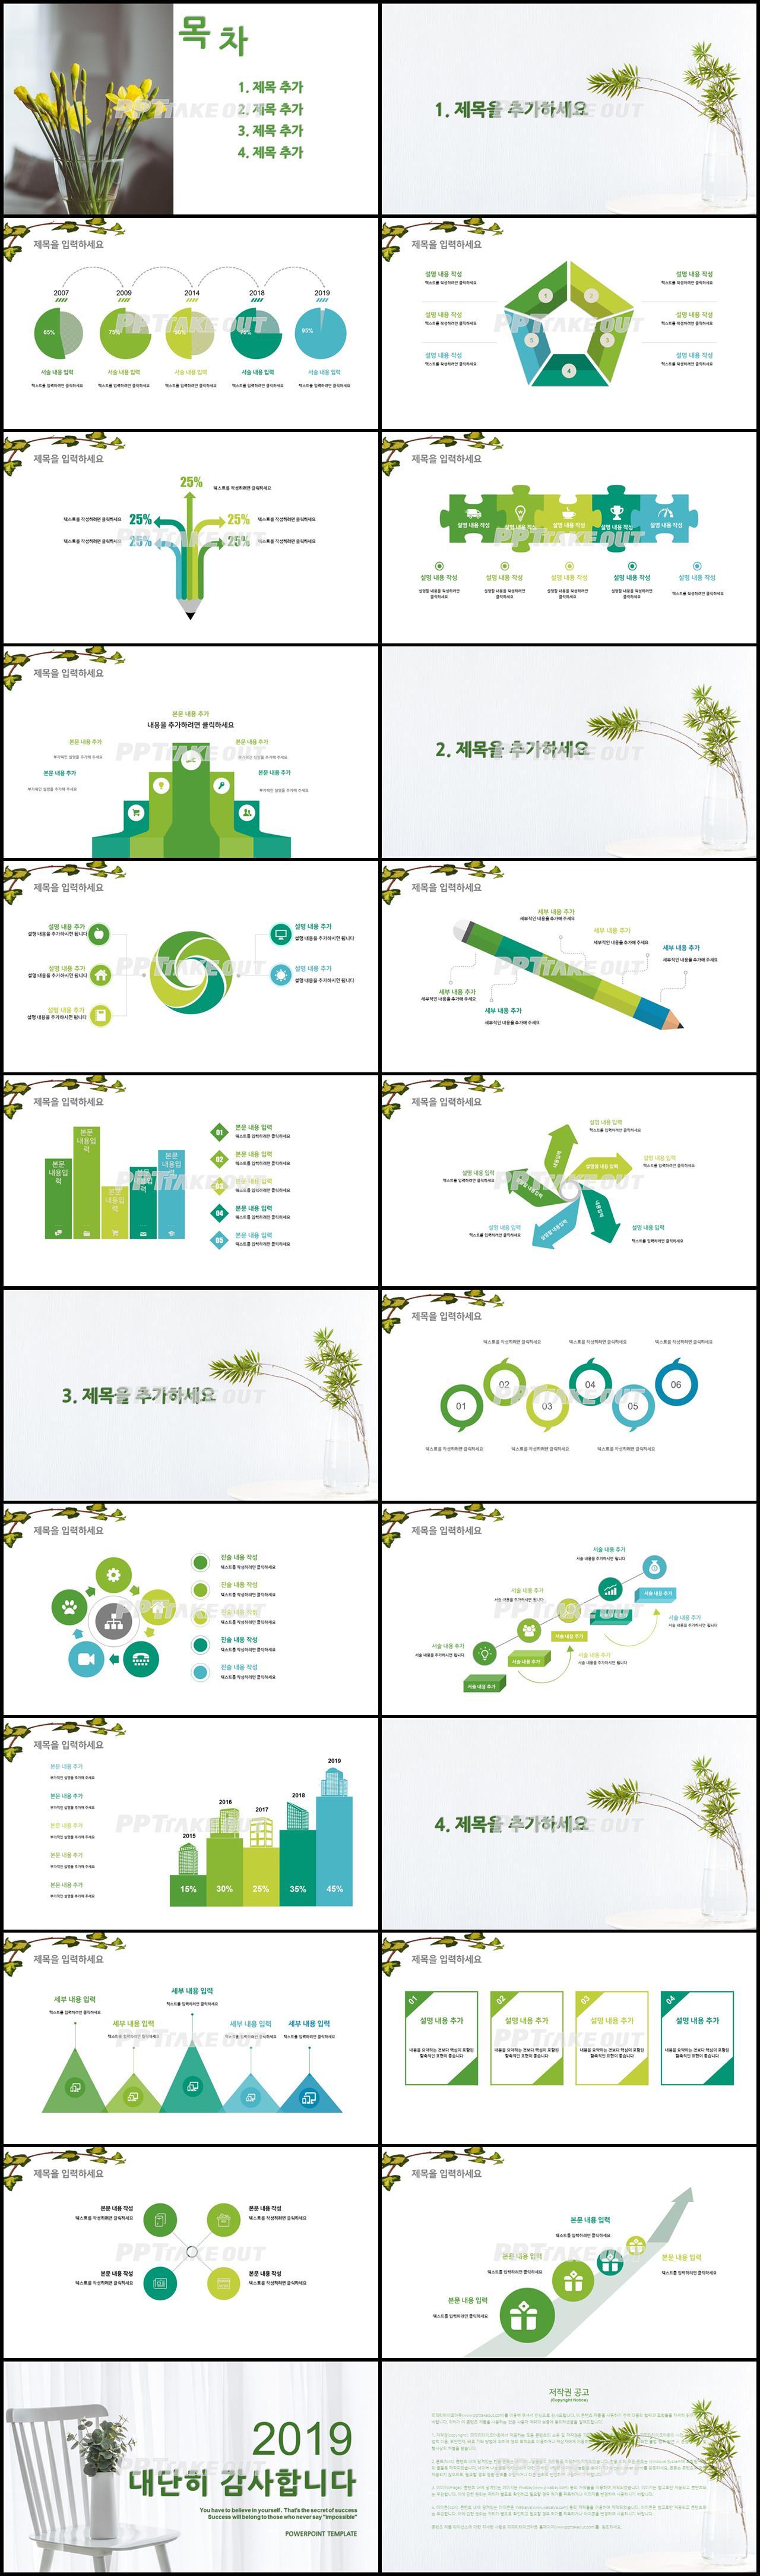 식물동물 초록색 아담한 다양한 주제에 어울리는 피피티샘플 디자인 상세보기